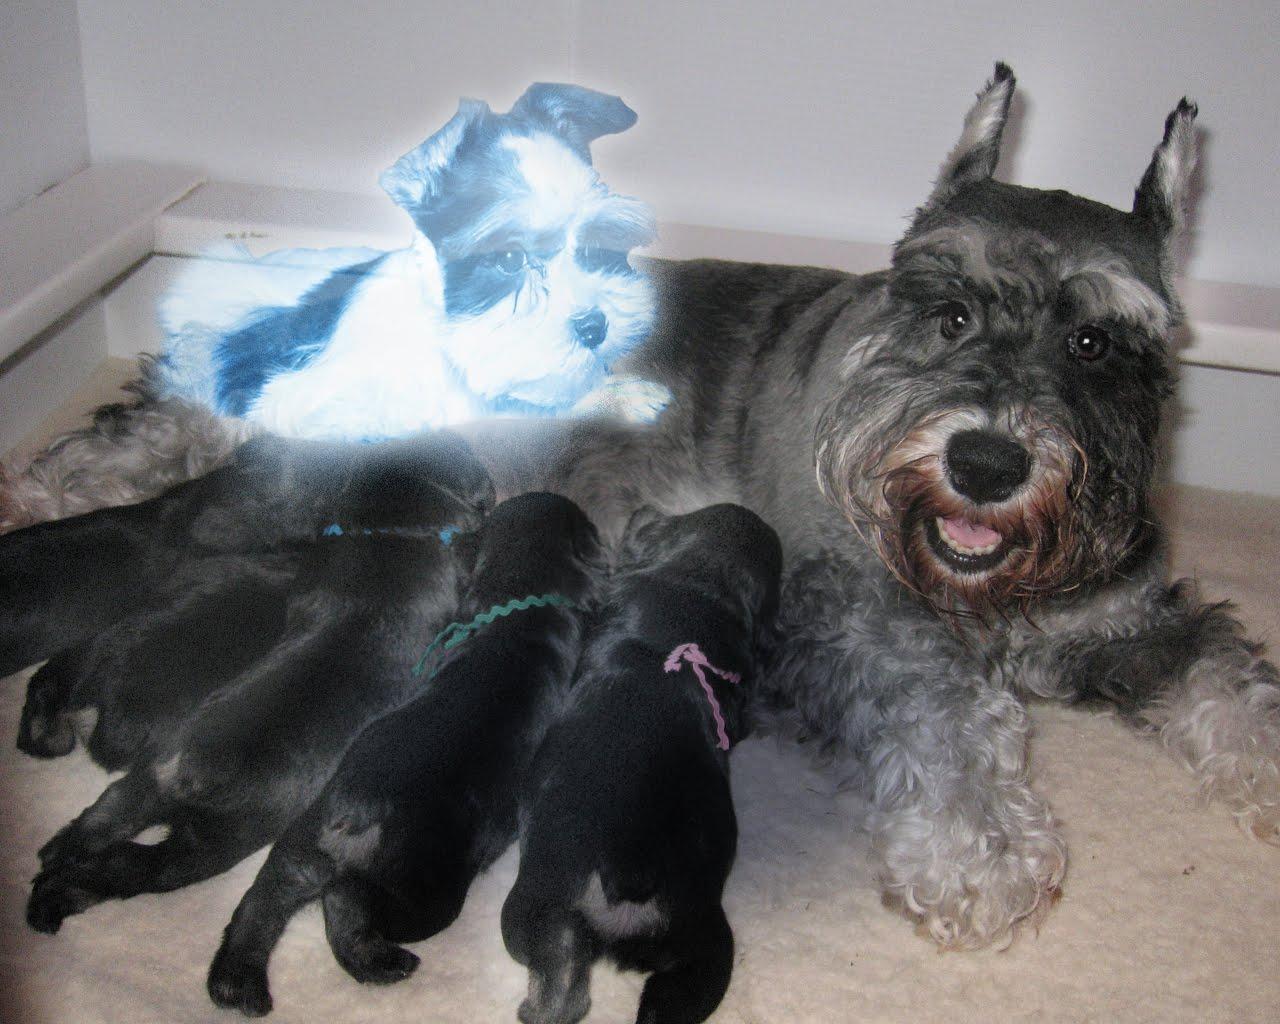 http://2.bp.blogspot.com/_2W71Pm9UyGI/TGKoif6c7kI/AAAAAAAAAwM/ebajboxhzag/s1600/100811_DogGivesBirthtoGhost.jpg